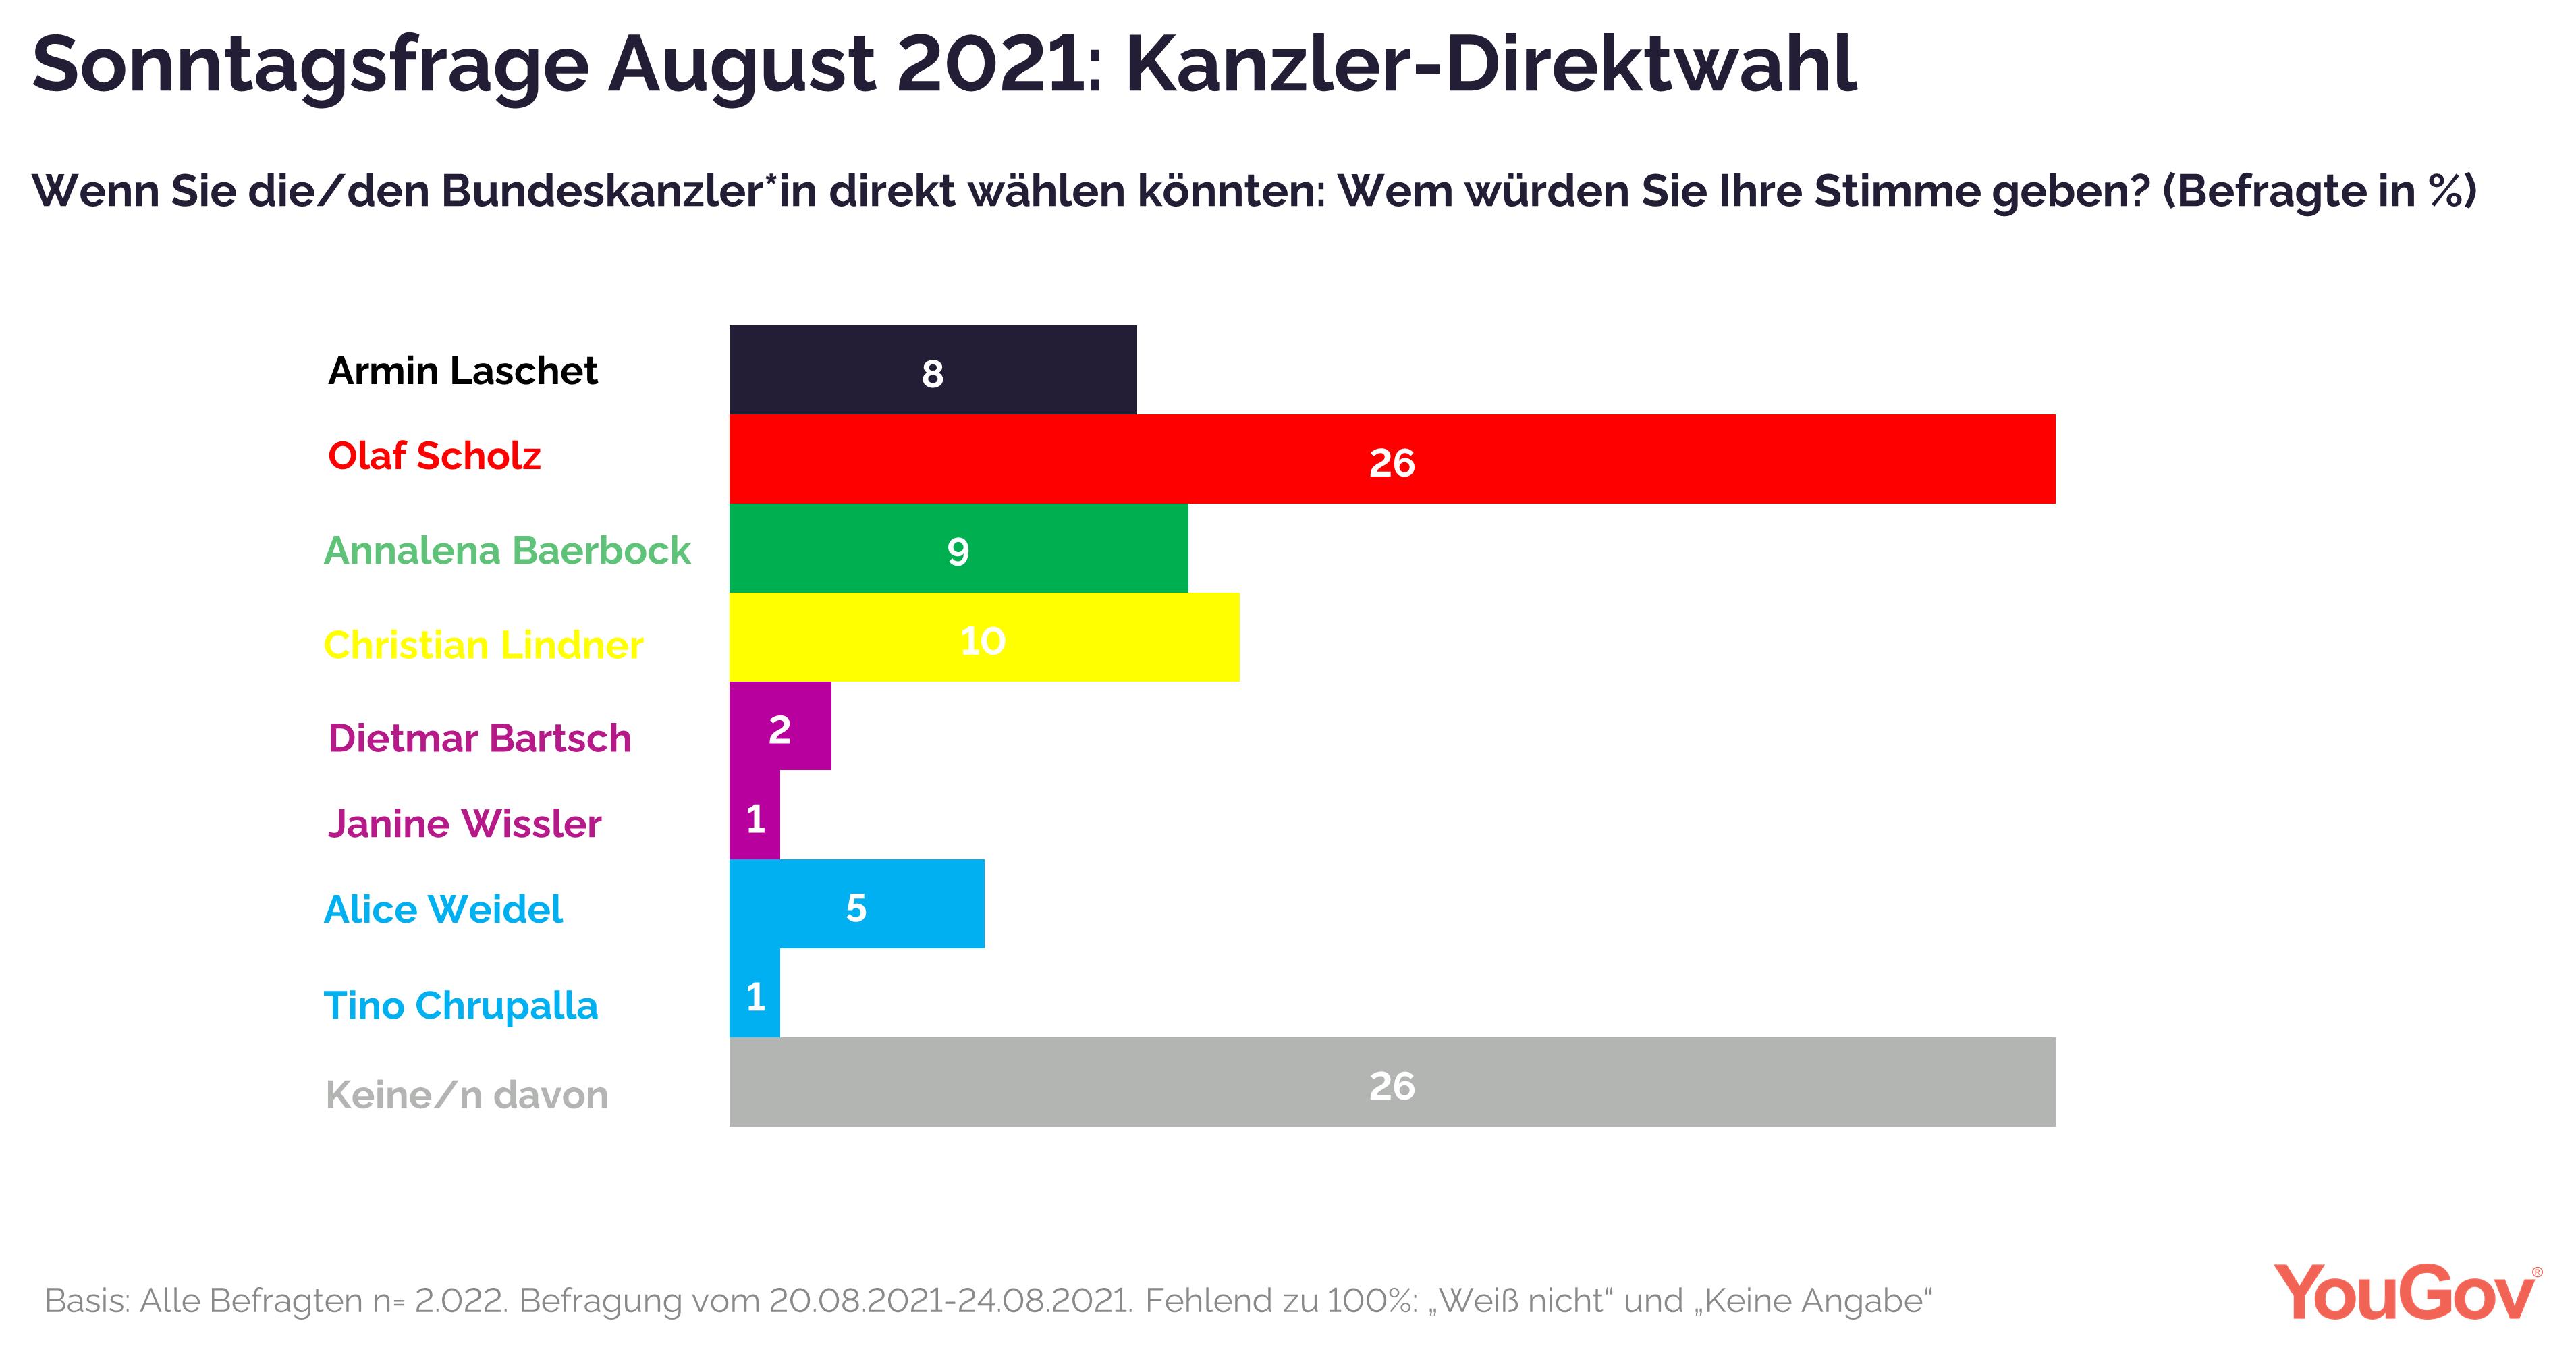 Kanzlerdirektwahl - Olaf Scholz mit großem Abstand vorn